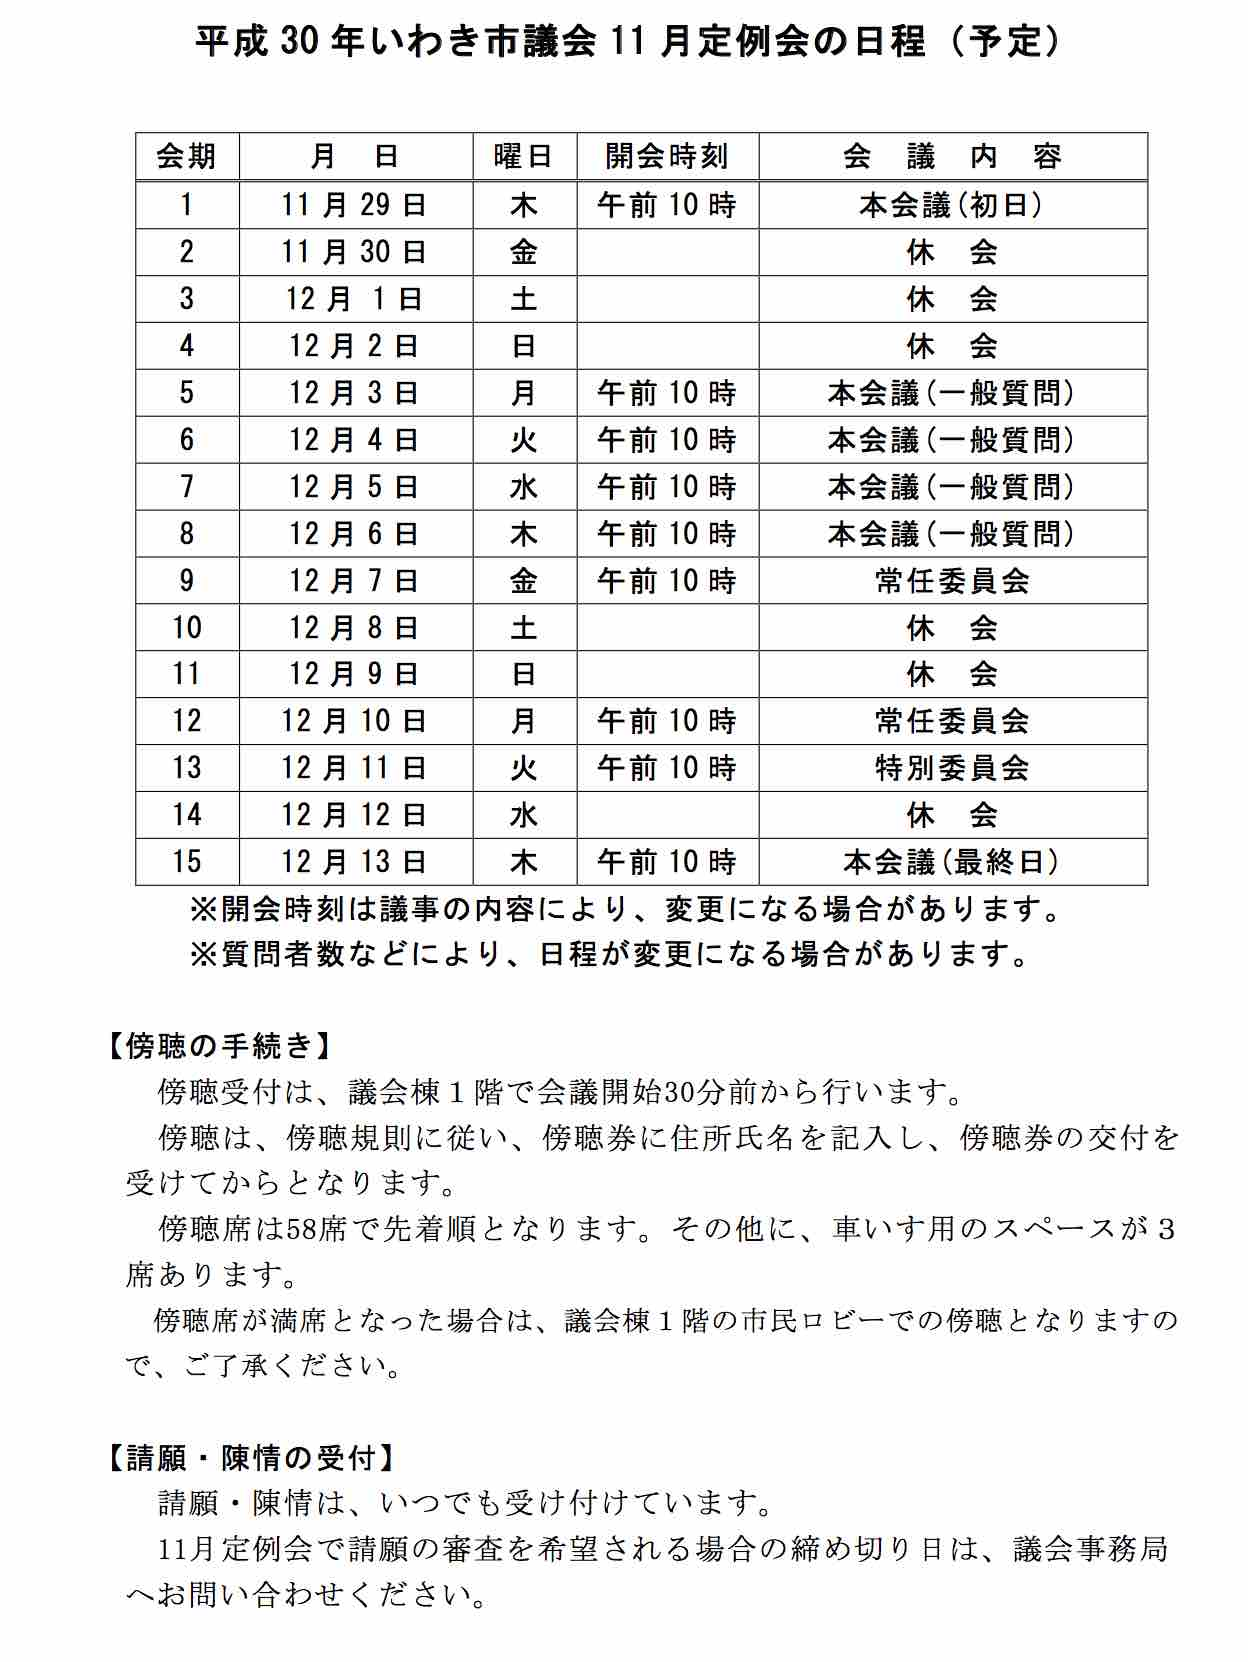 11月定例会の日程と議案_e0068696_852614.jpg